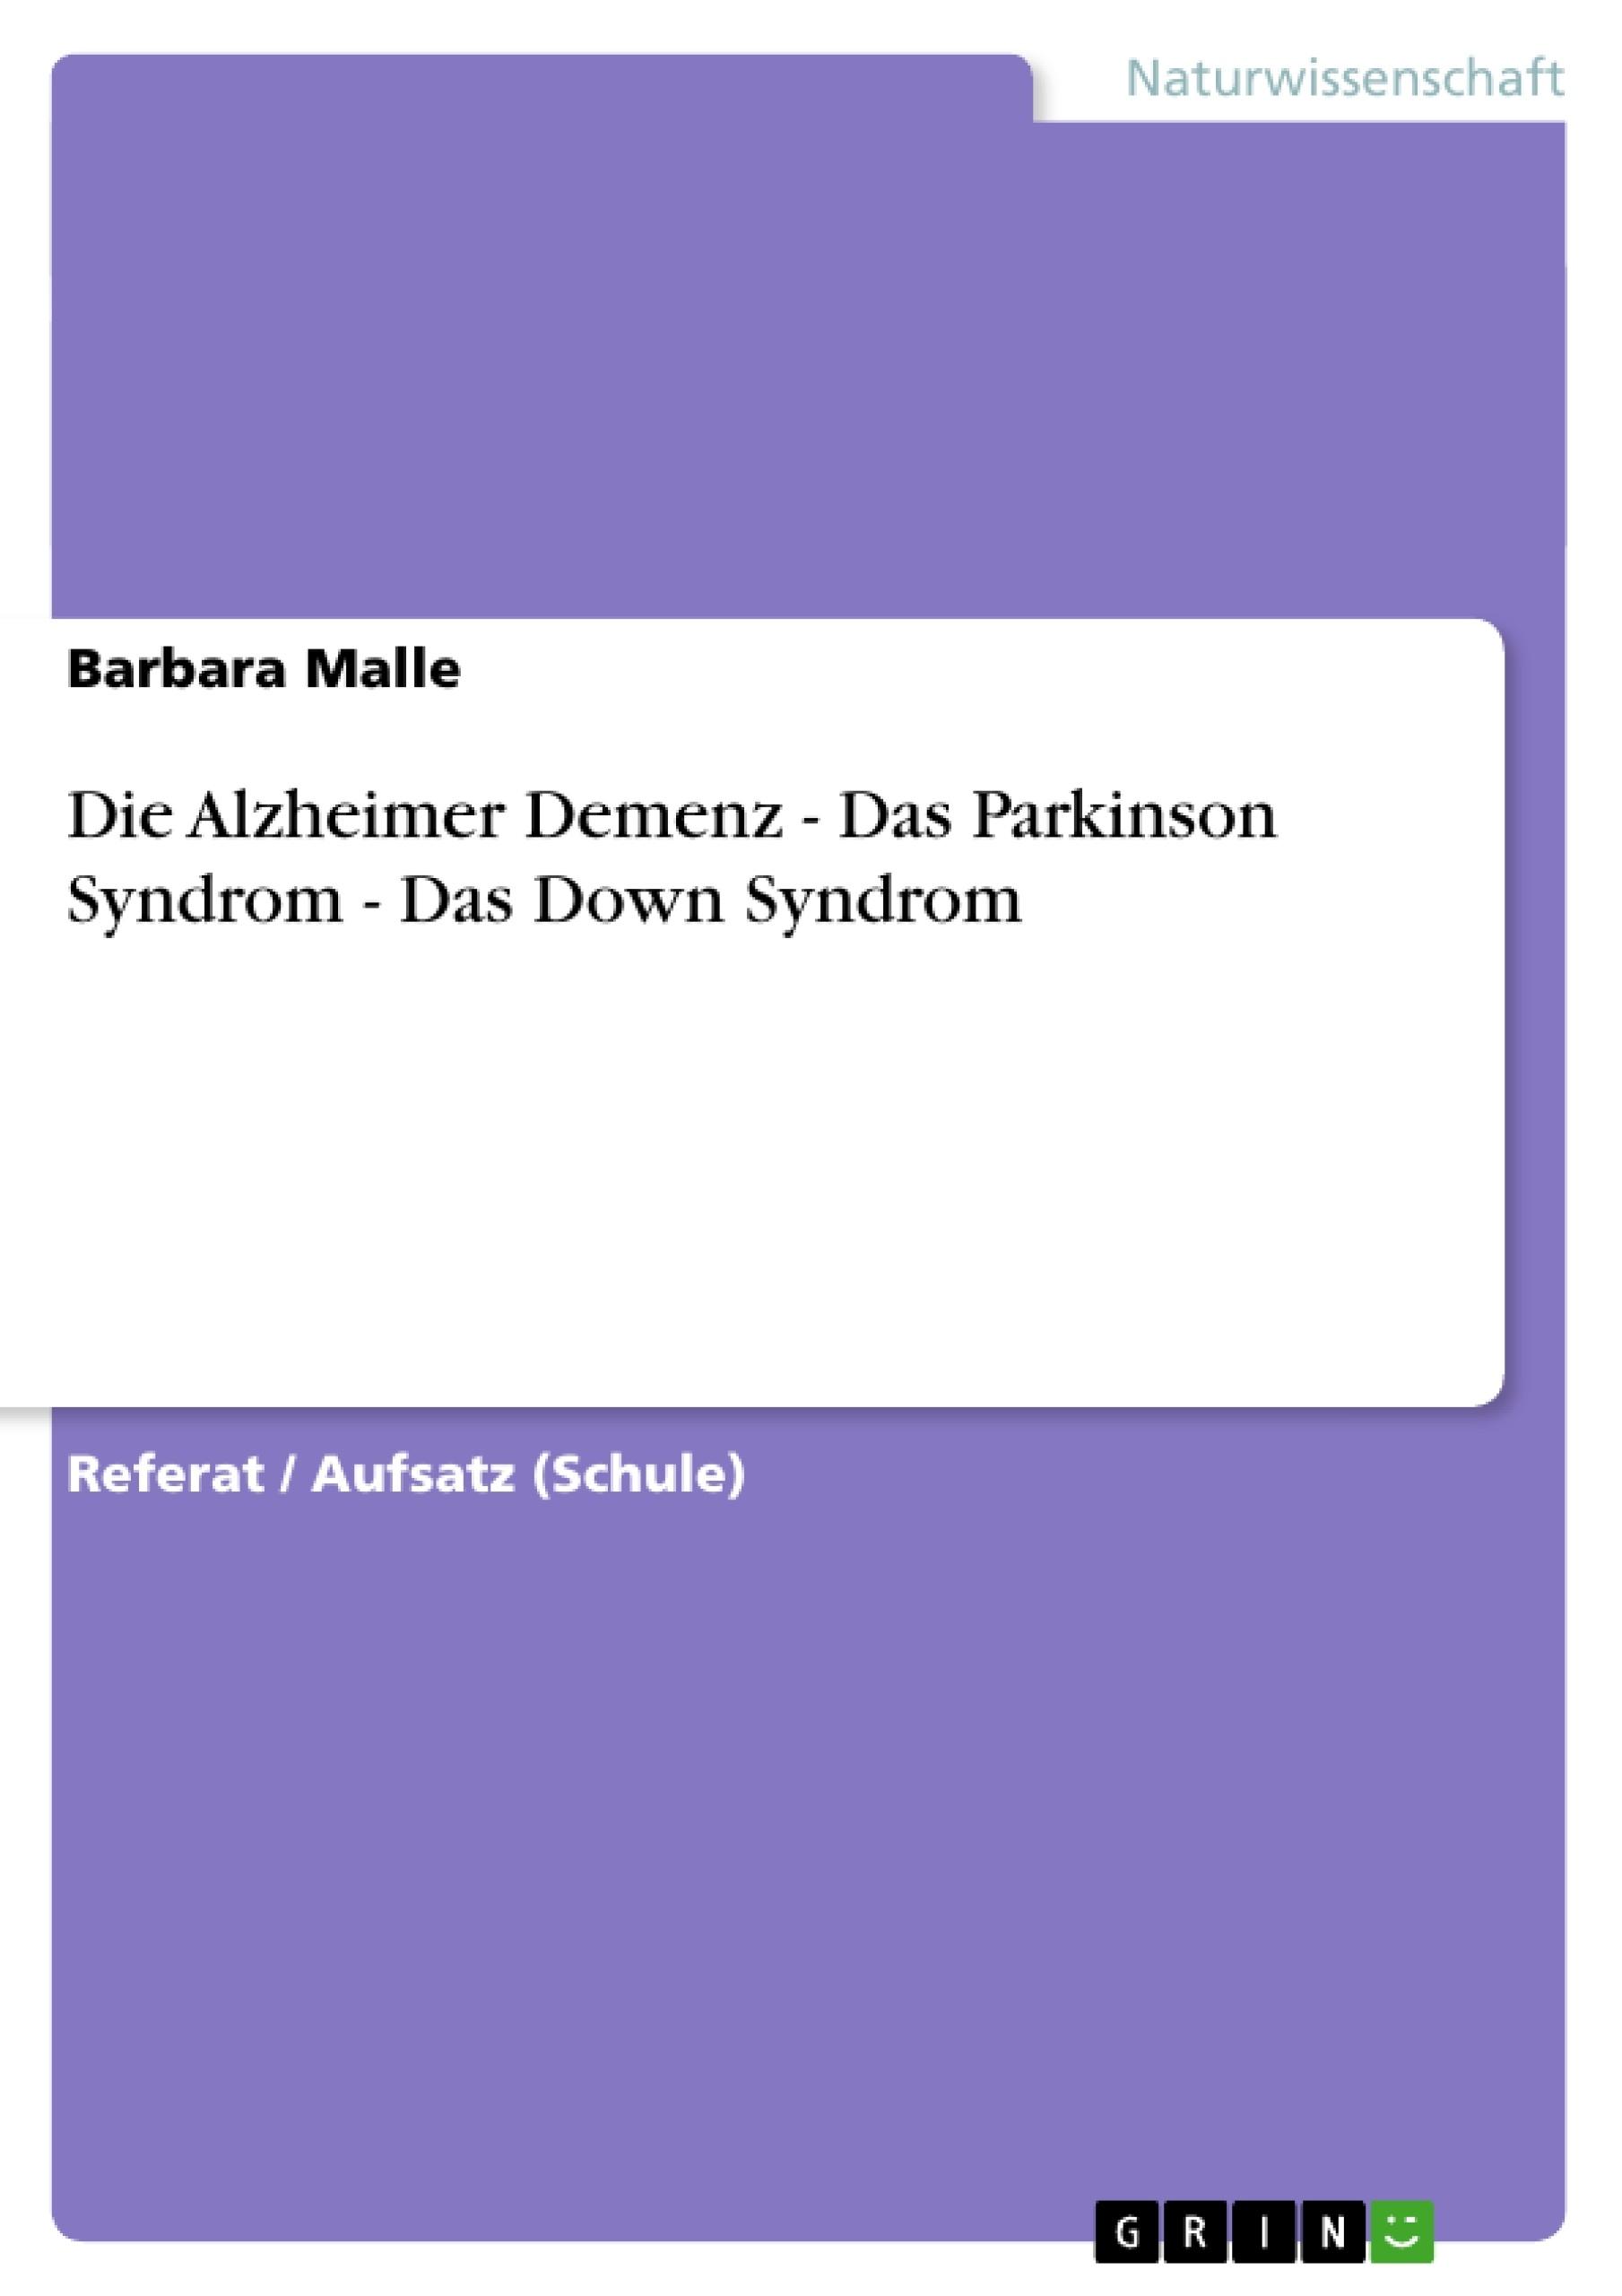 Titel: Die Alzheimer Demenz - Das Parkinson Syndrom - Das Down Syndrom